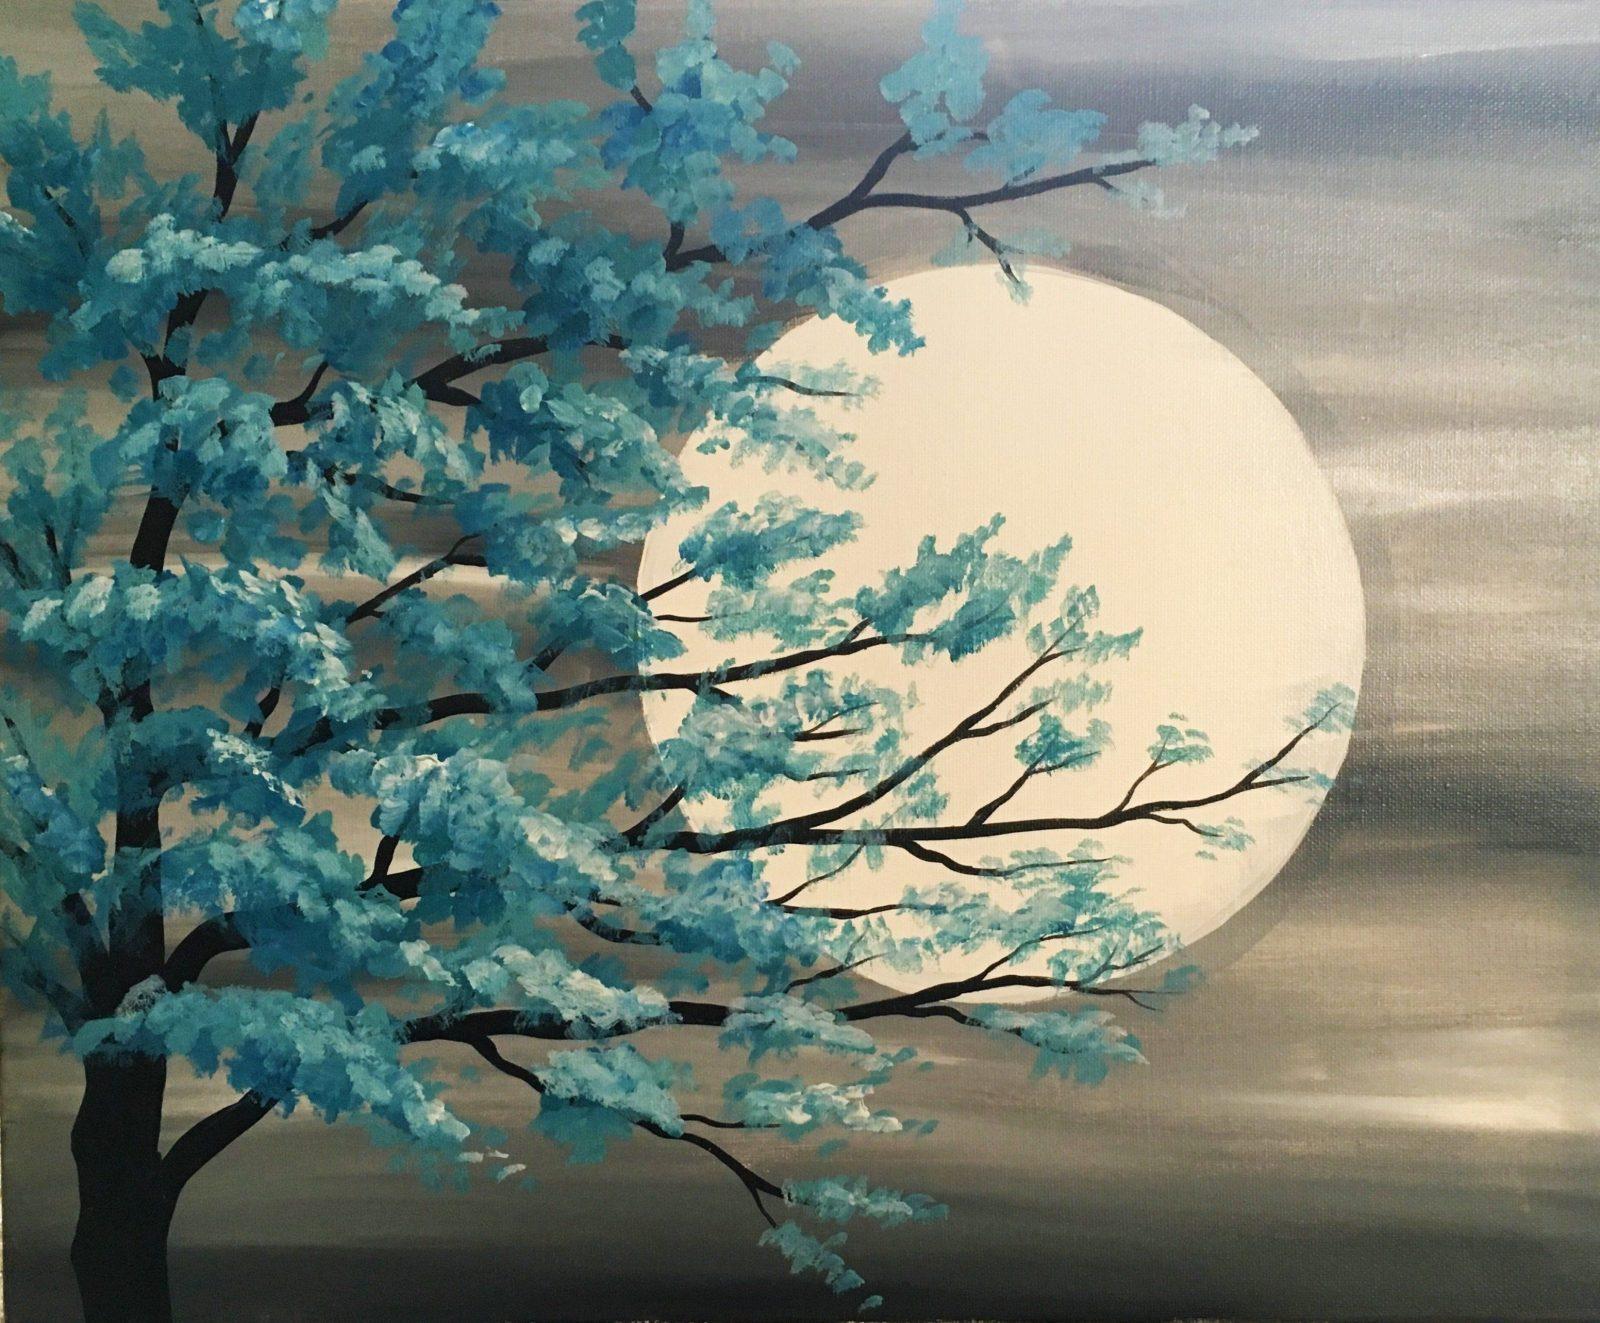 Lernen Sie Die Grundtechniken Der Acrylmalerei Für Anfänger Ideen von Acrylbilder Selber Malen Für Anfänger Bild